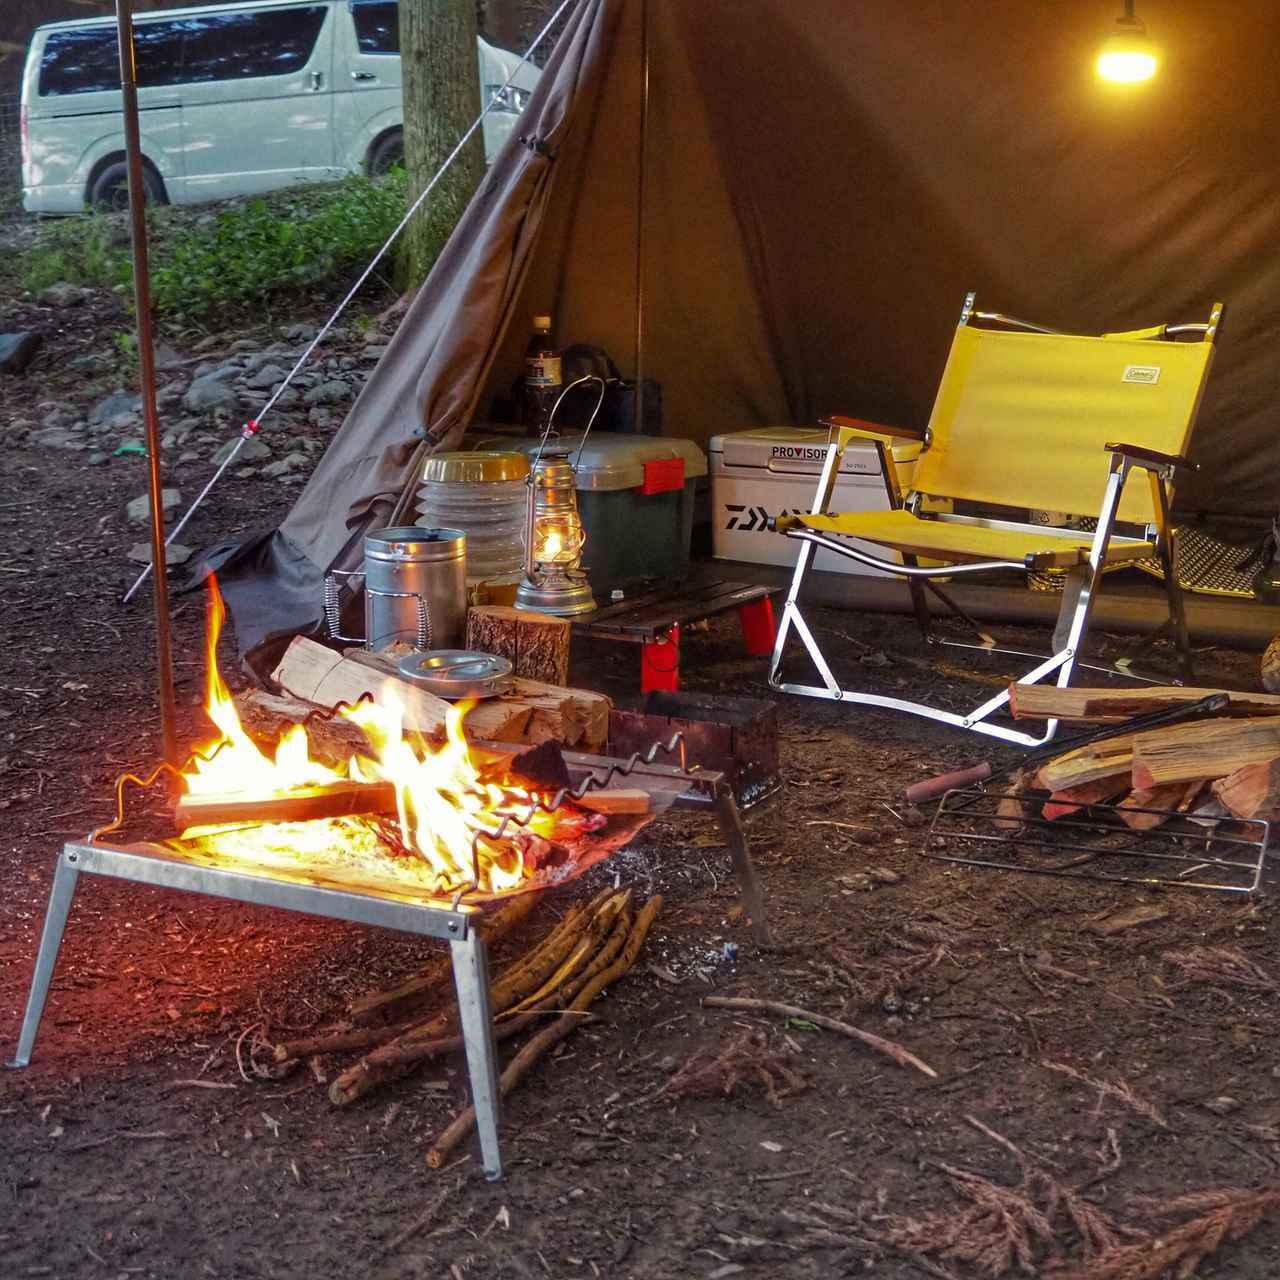 画像: ソロキャンプにも様々なスタイルがある! 道具選びの基準にもなるので、まずは移動手段を考えよう